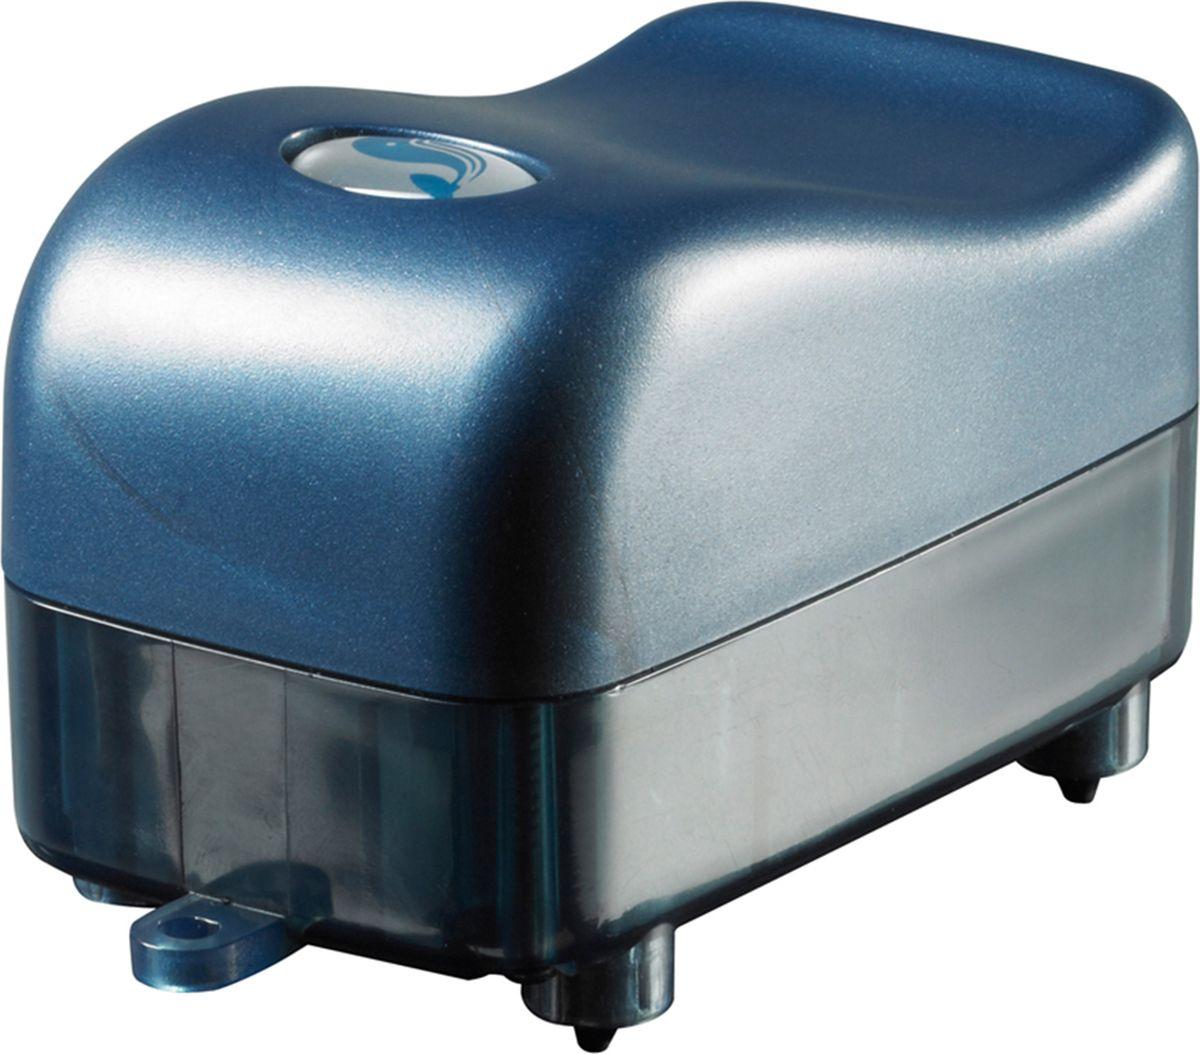 Компрессор аквариумный Sicce Airlight 1000, одноканальный, 60 л/ч сверхмощный клапан датчиков регулятор воздушный компрессор переключатель контроля давления насоса